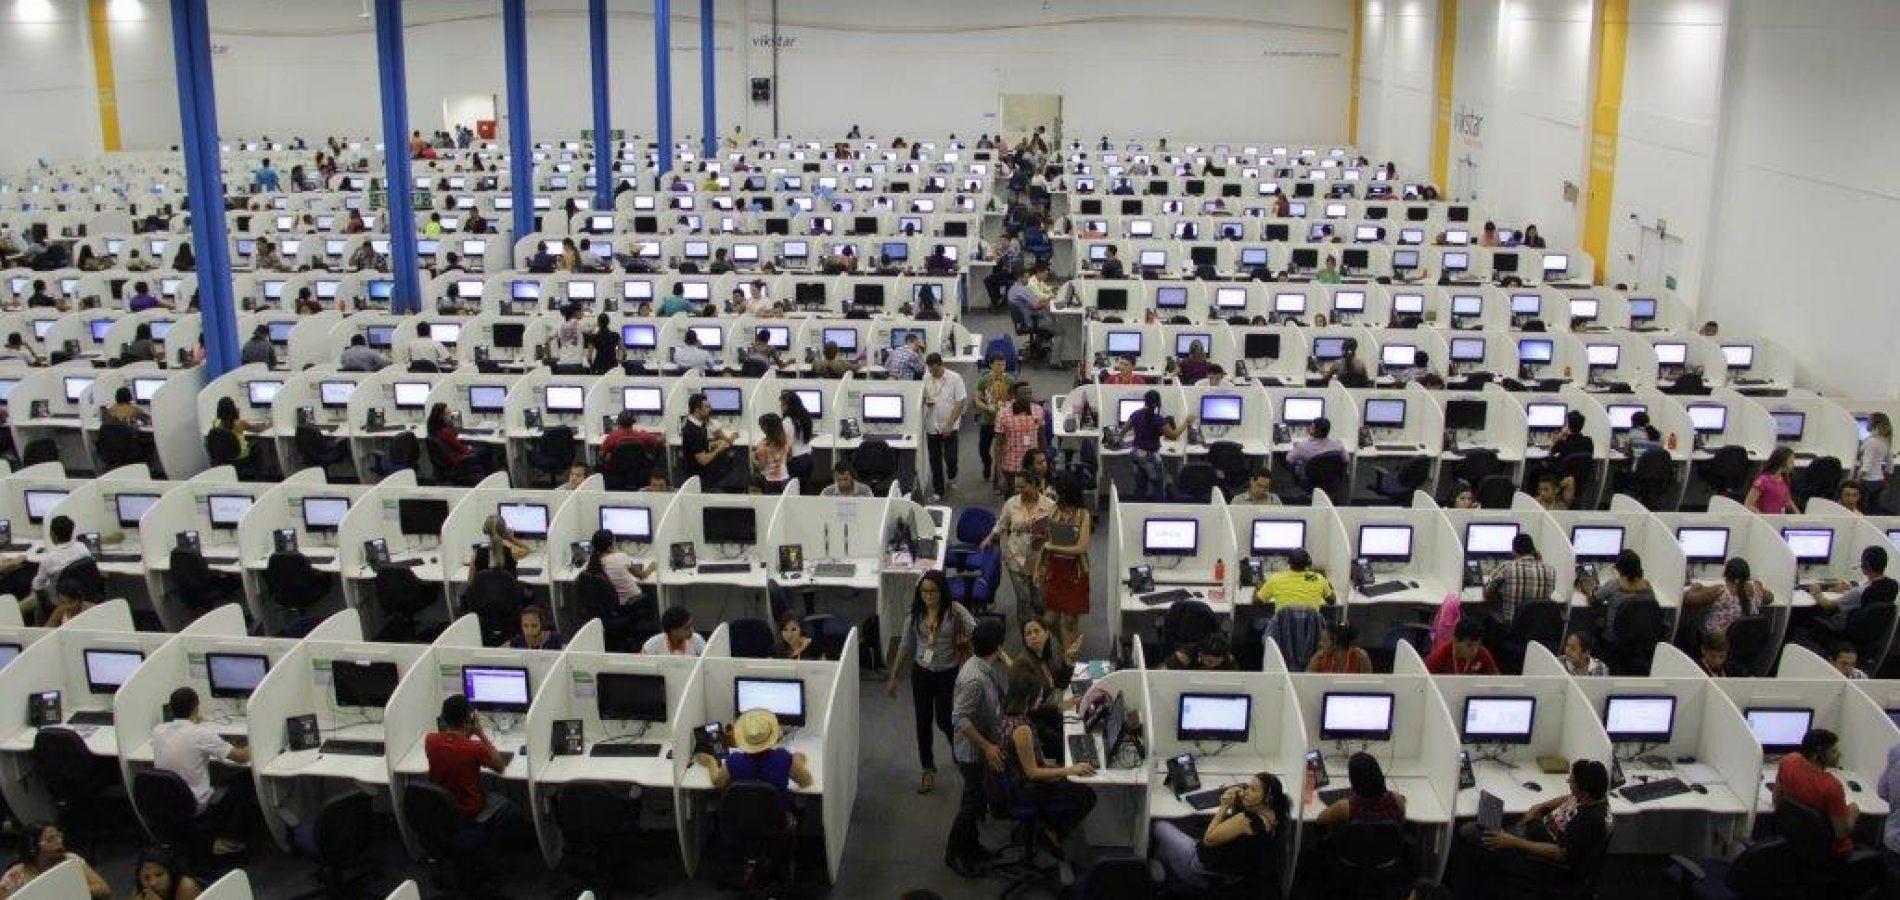 Empresa oferece 400 vagas para operador de telemarketing no Piauí